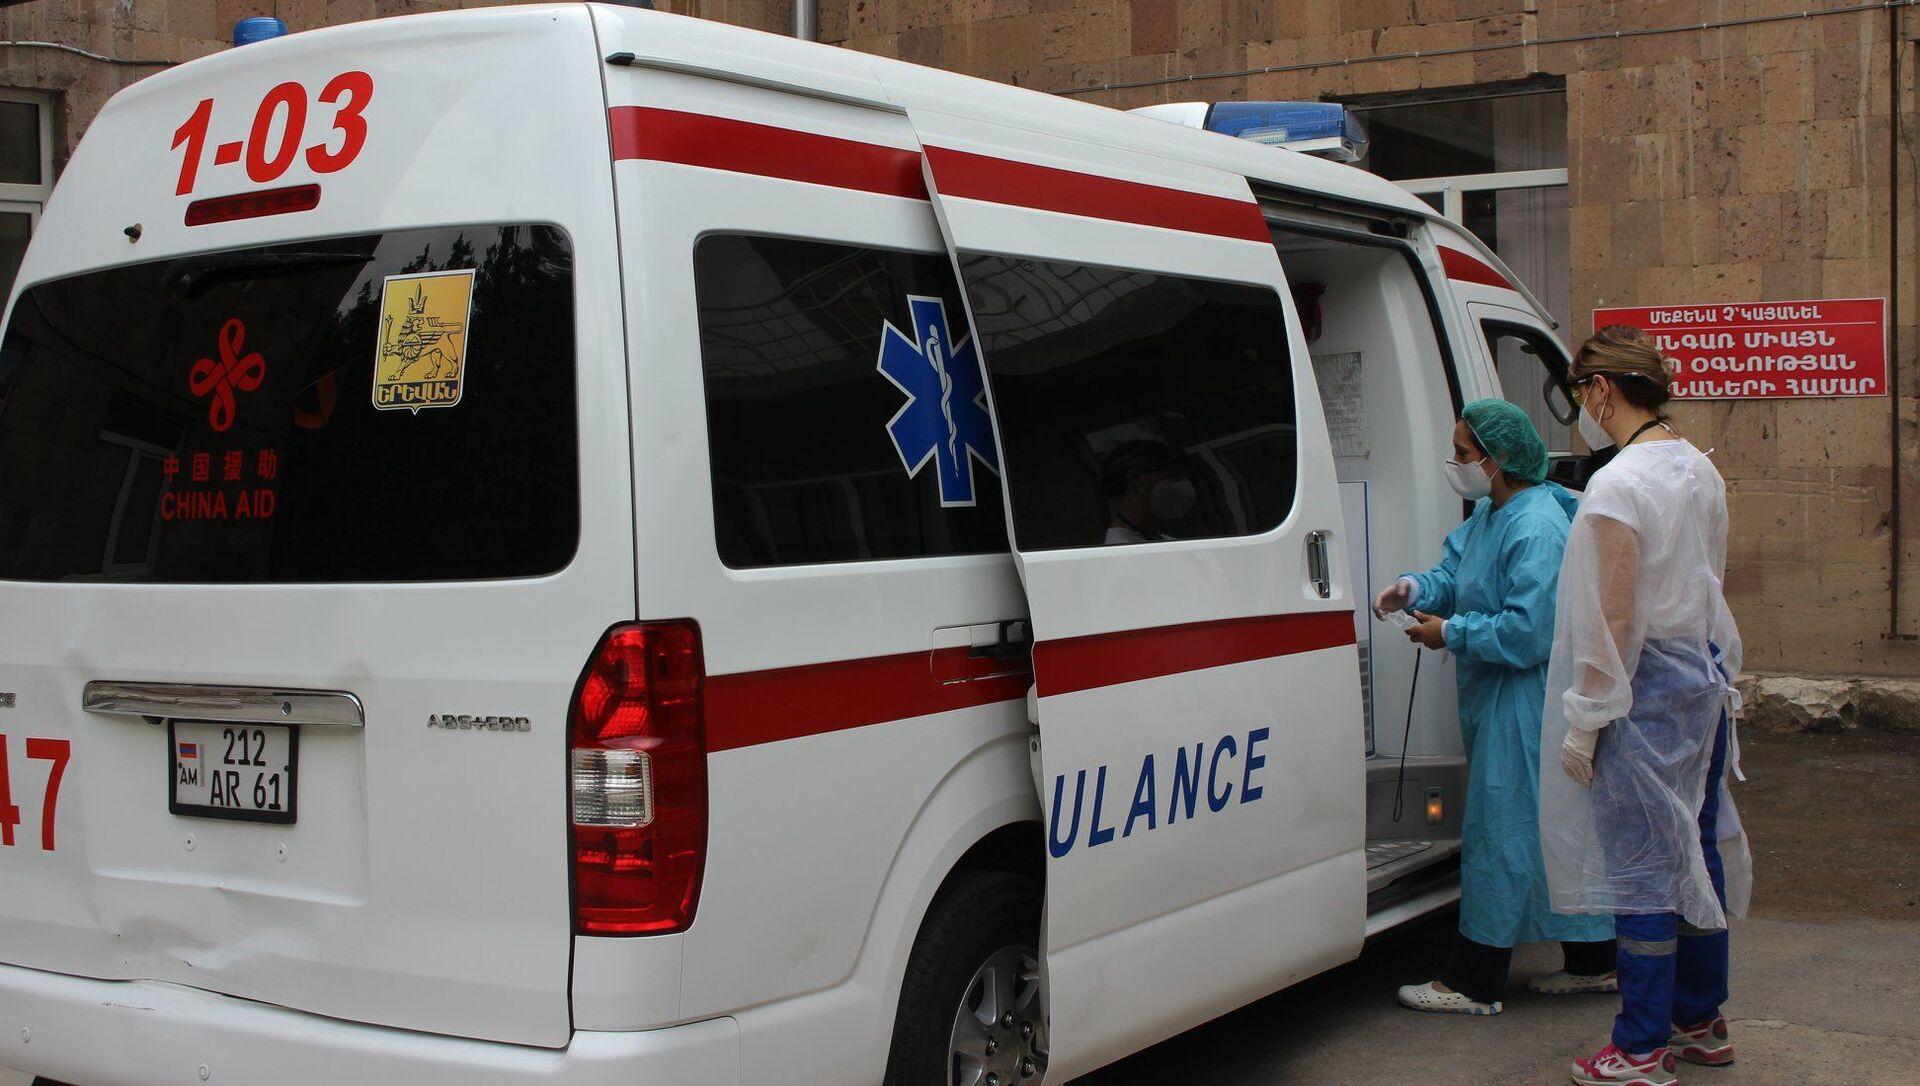 Два медицинских центра Араратской области полностью заняты борьбой с коронавирусом (1 июля 2020). - Sputnik Արմենիա, 1920, 15.07.2021